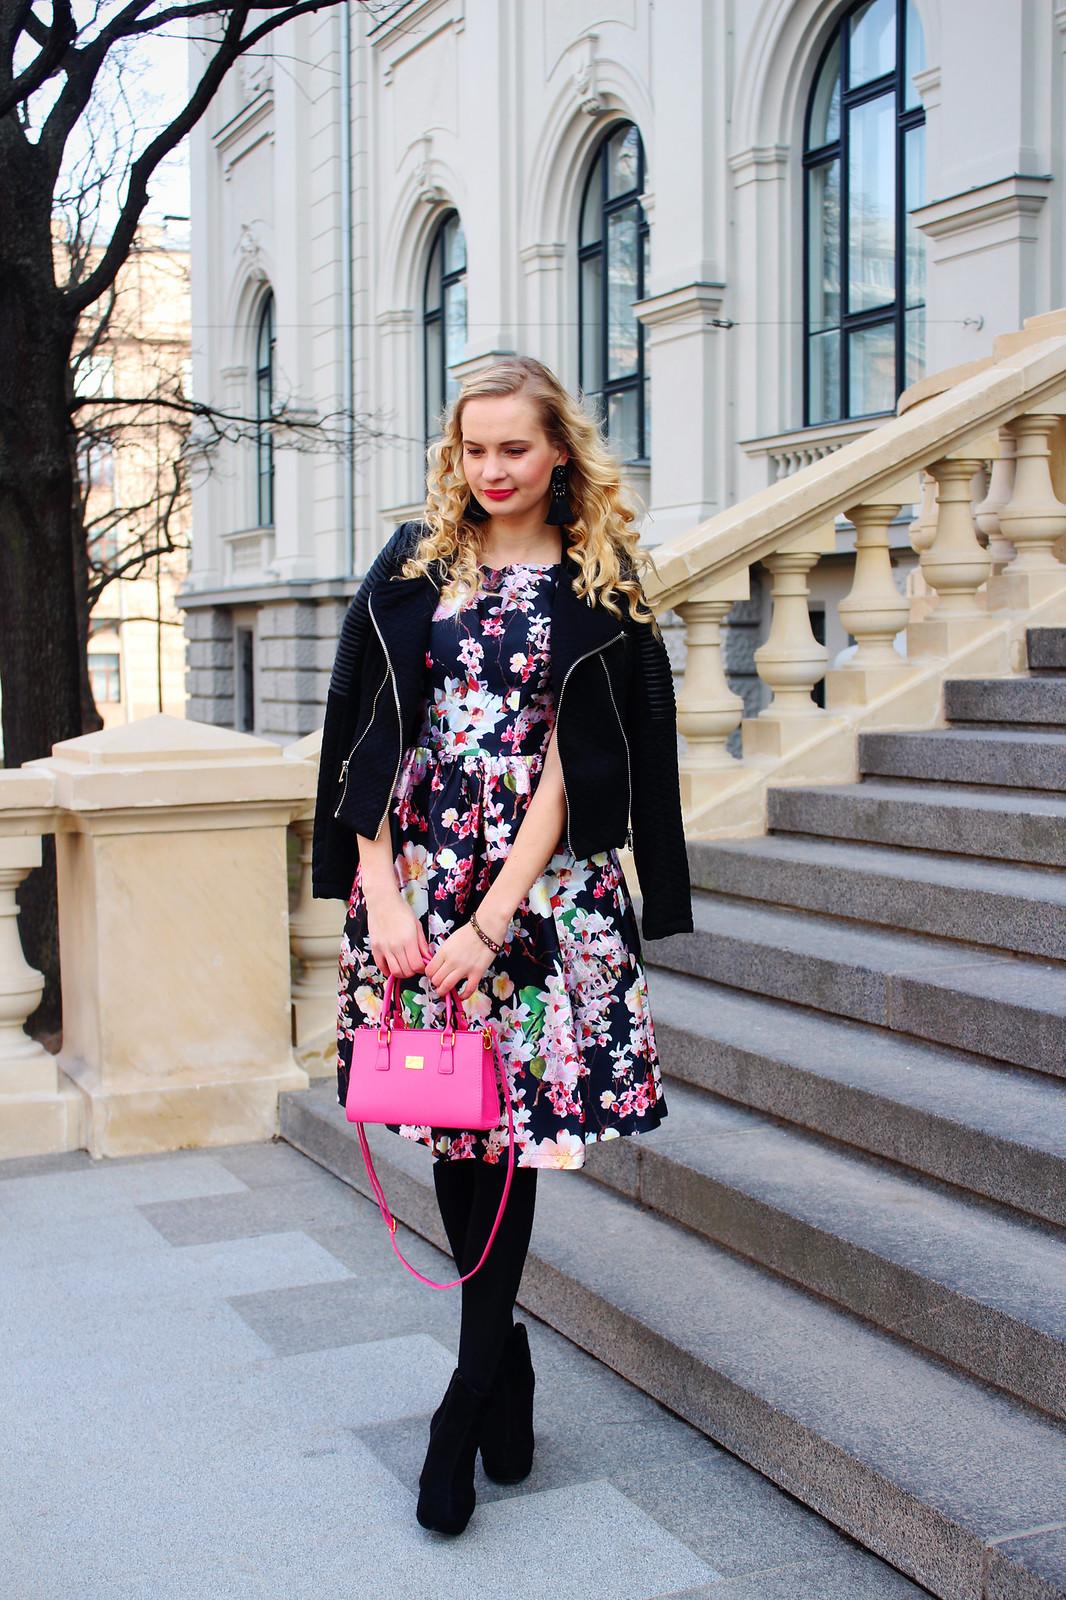 Cji Chi London dress